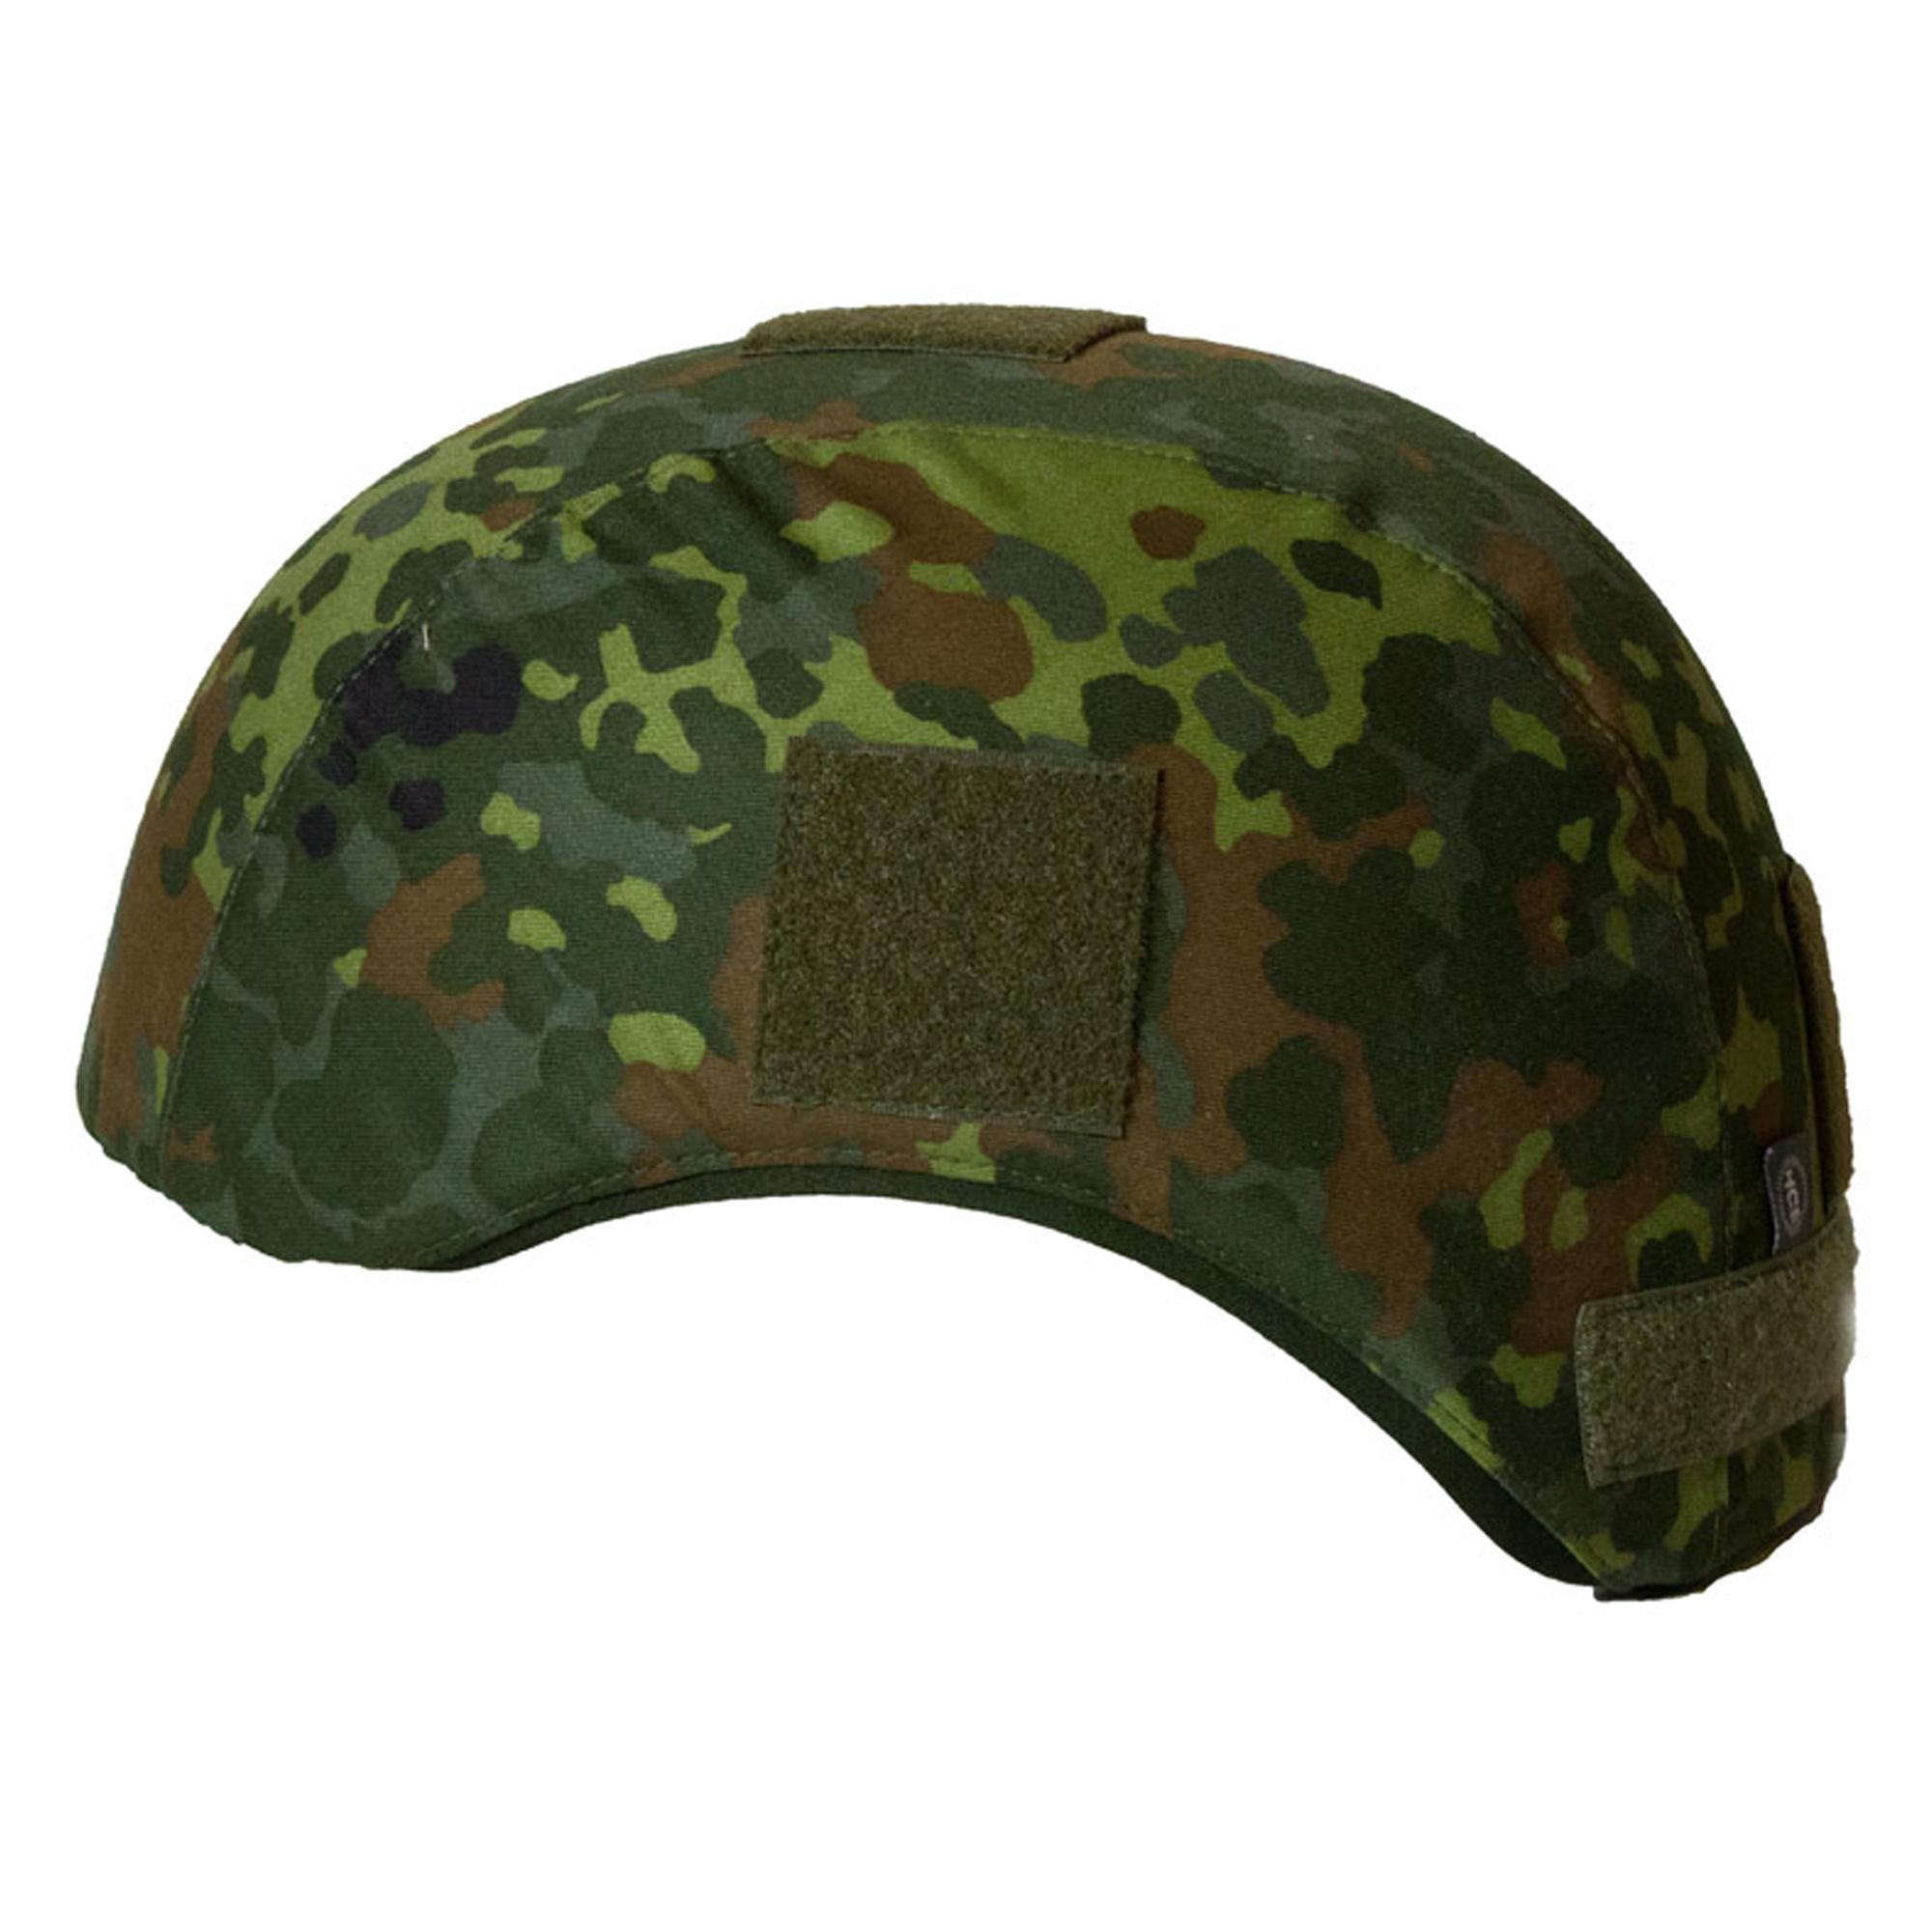 HCS Special Forces Helmbezug Flecktarn